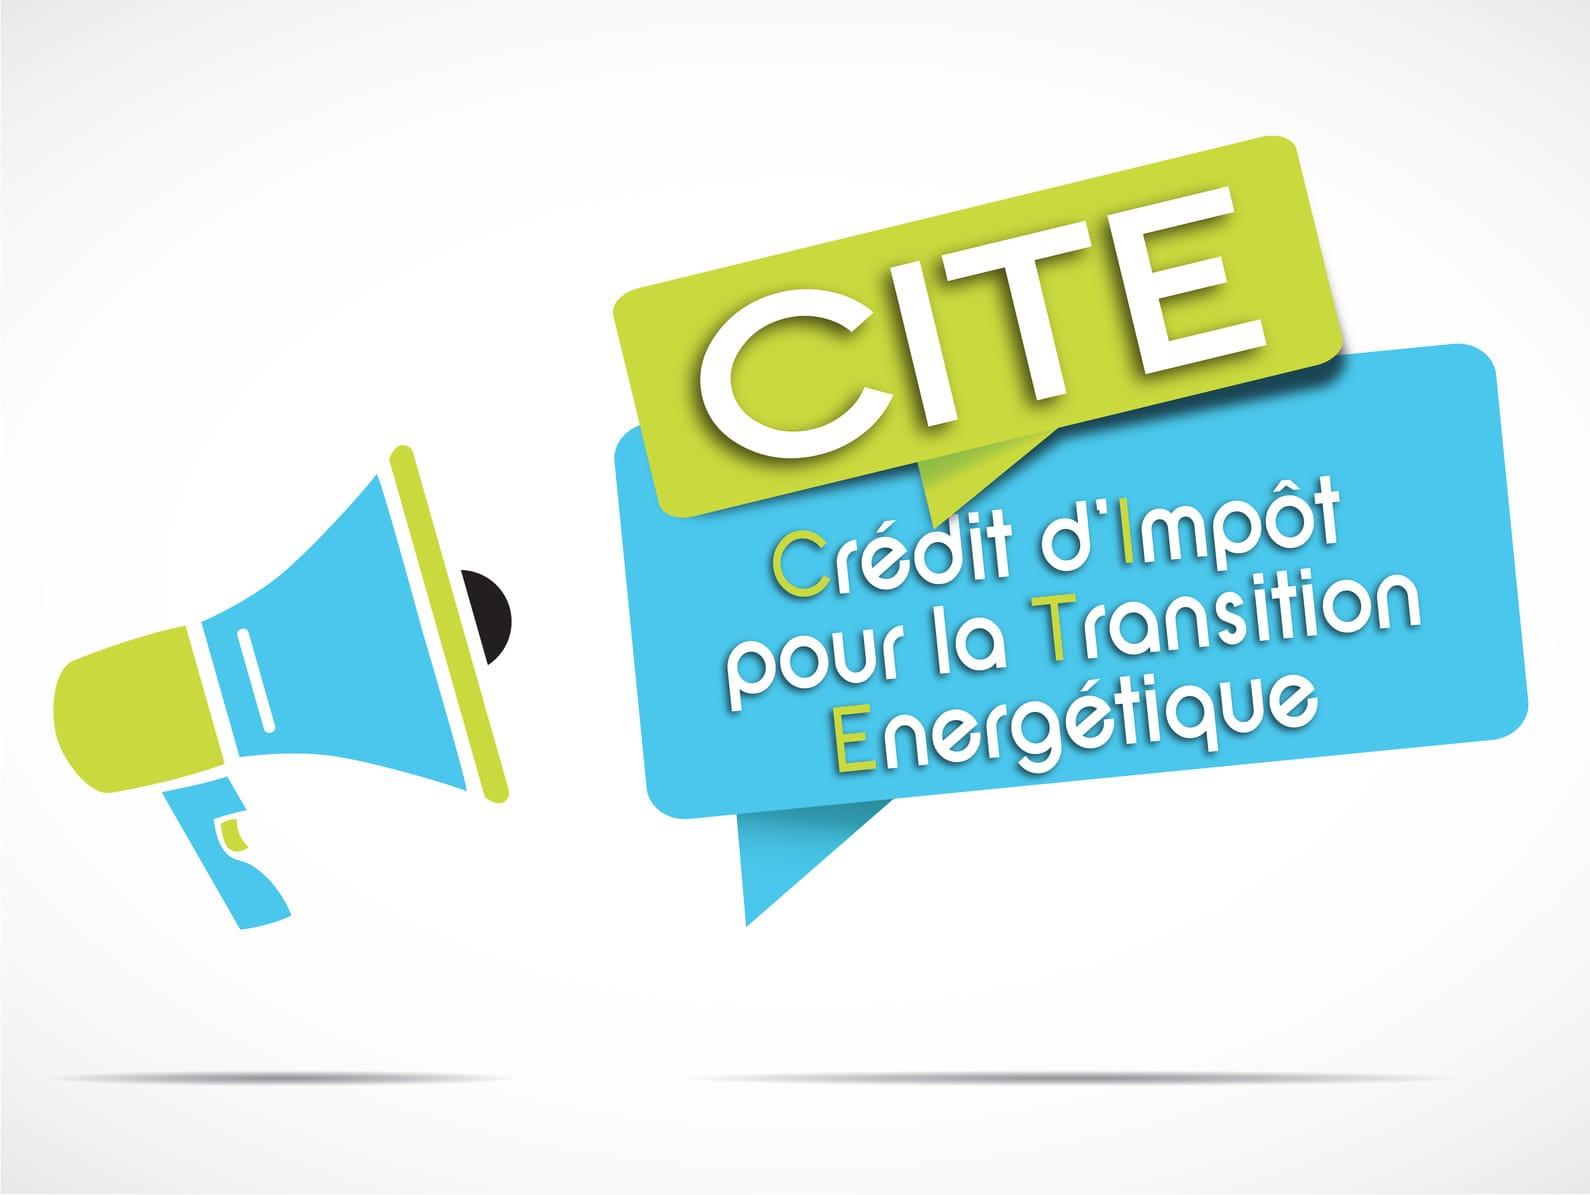 Présentation du crédit d'impôt CITE